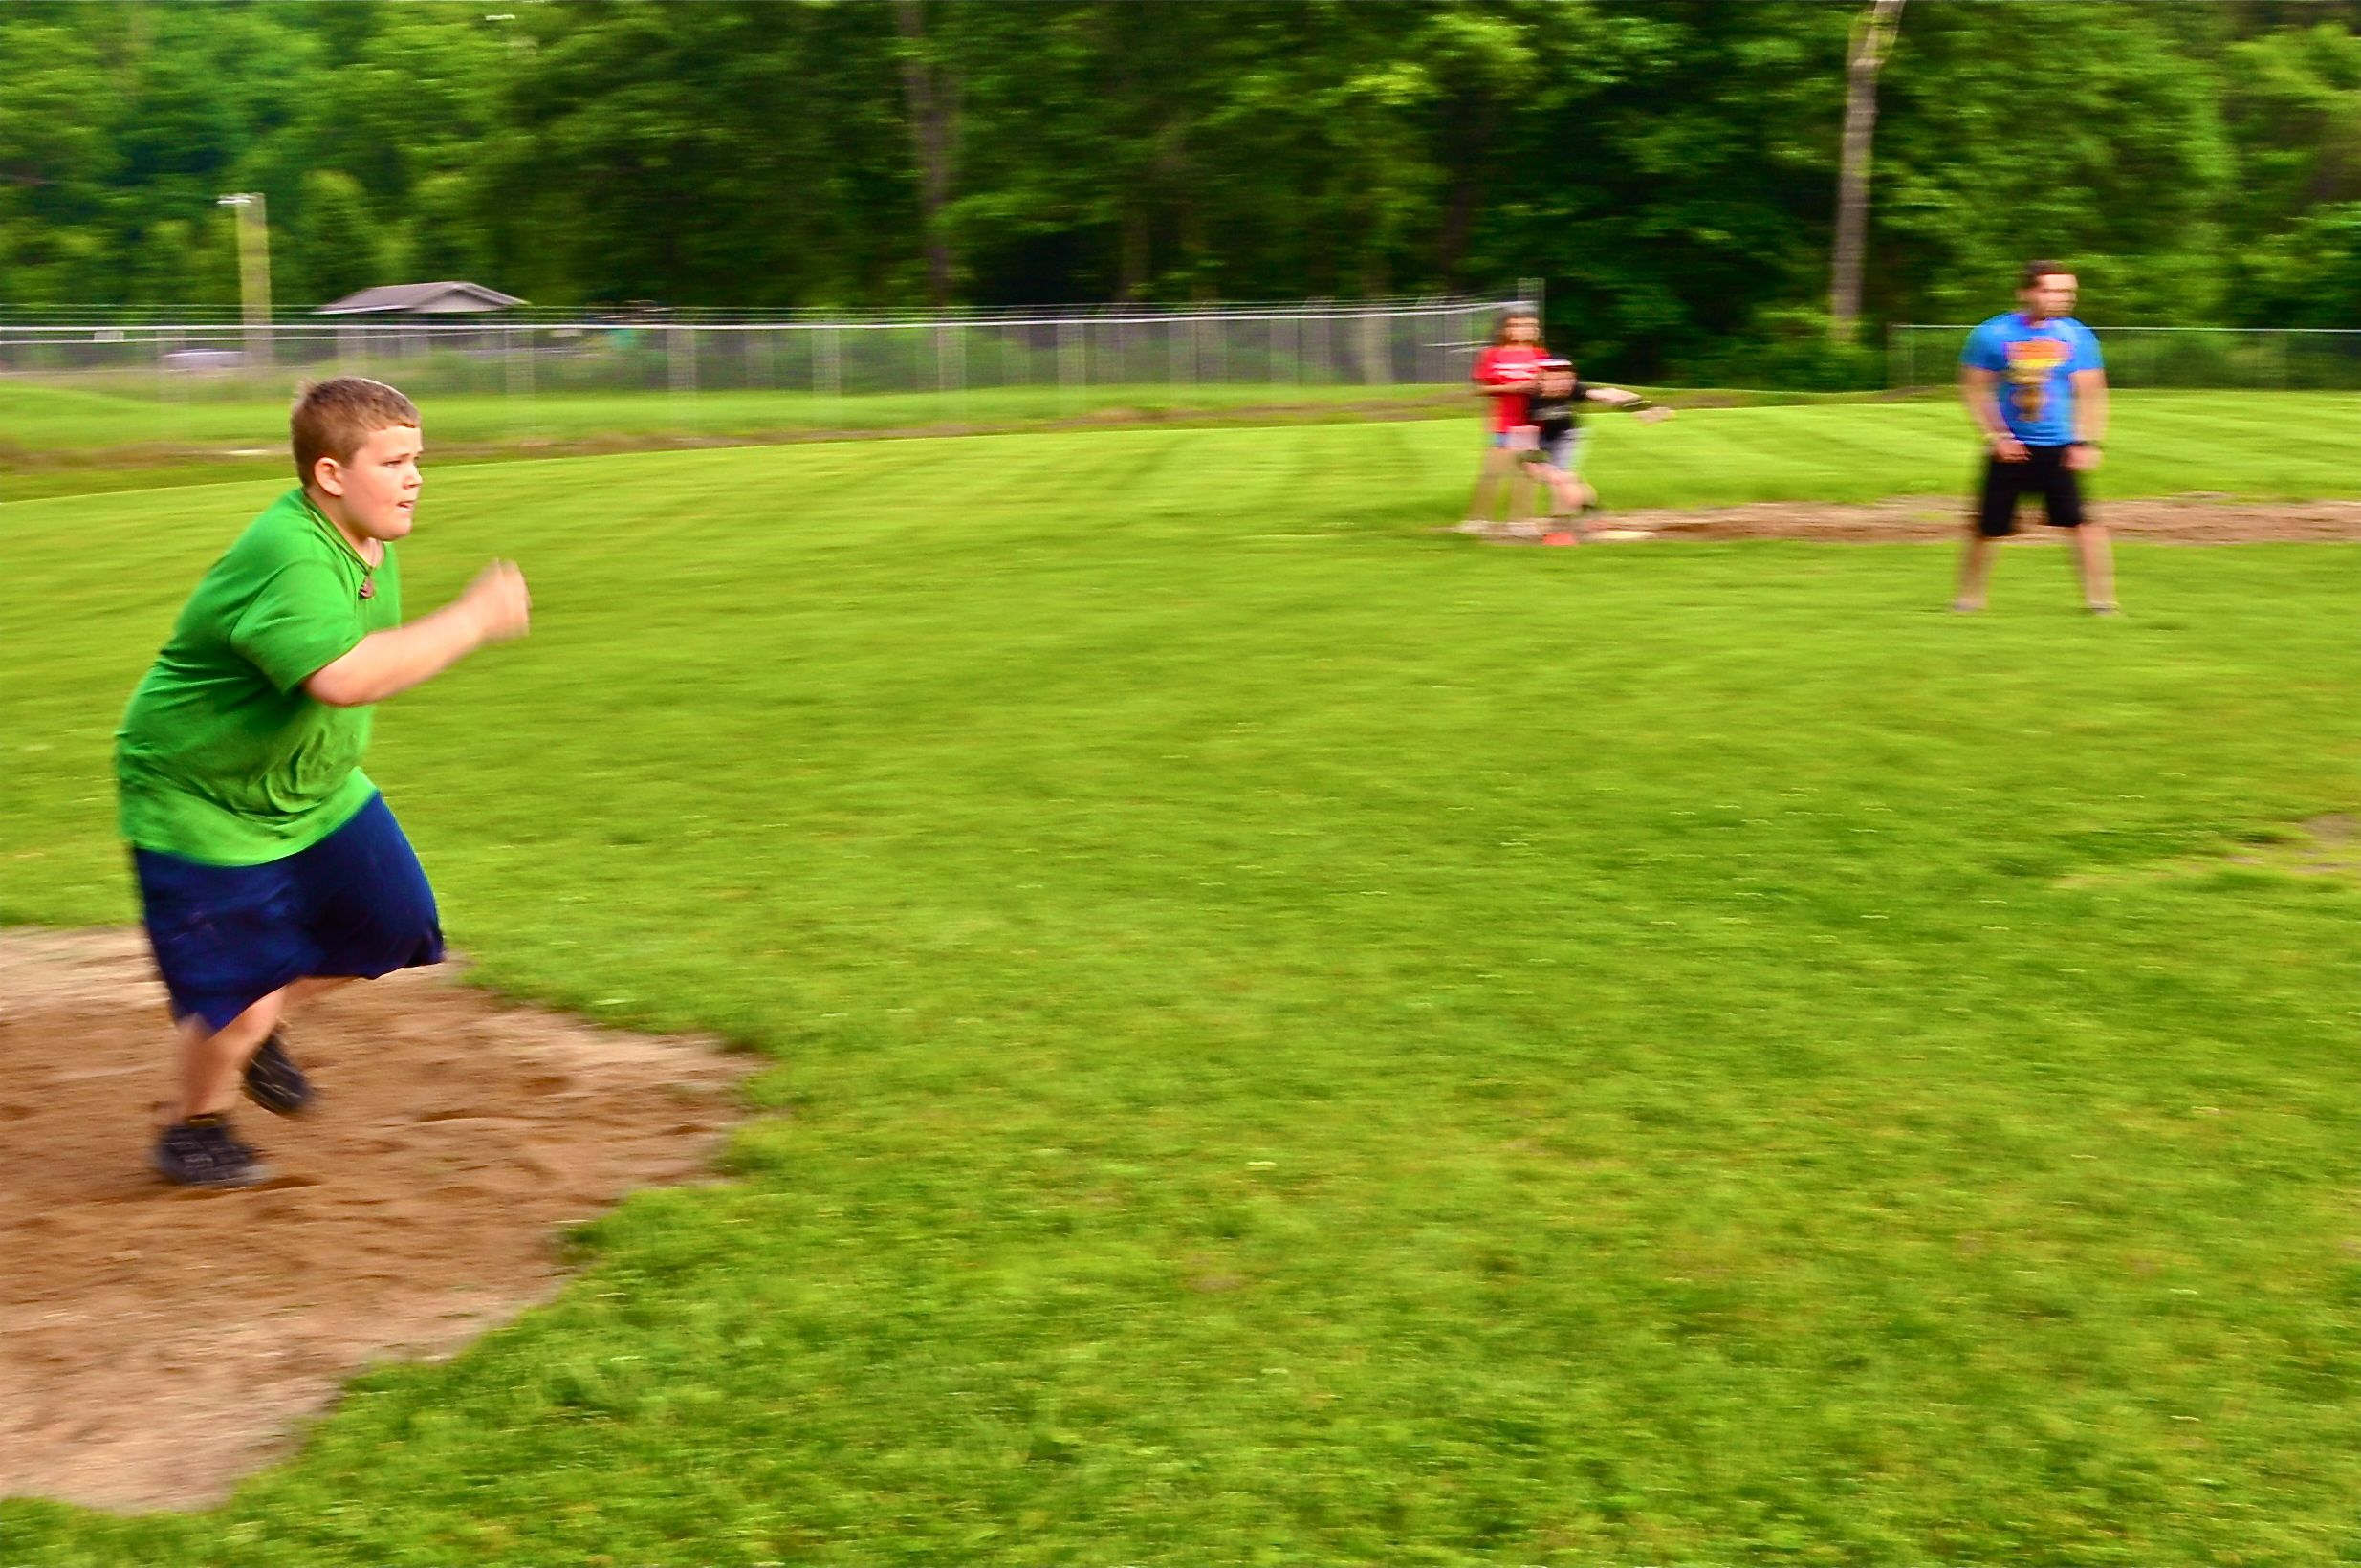 matthew-runs-toward-first-base-after-a-fantastic-kick.jpg